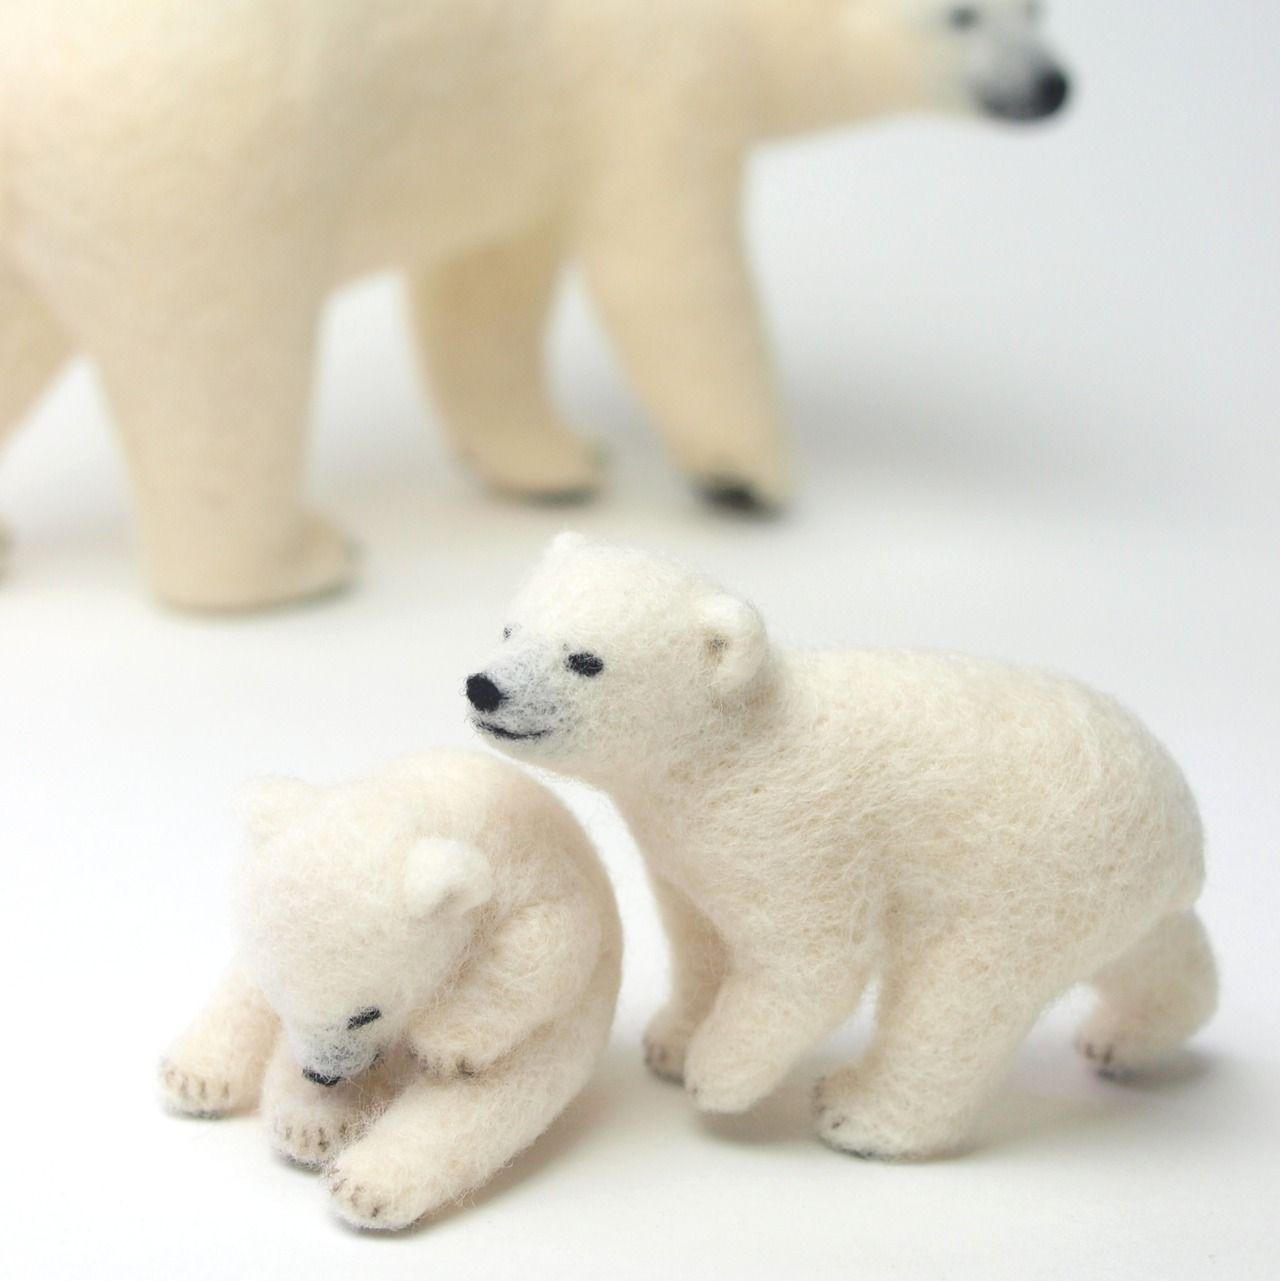 Ich Habe einen Kleinen Bruder von Wollfilz] Eisbären